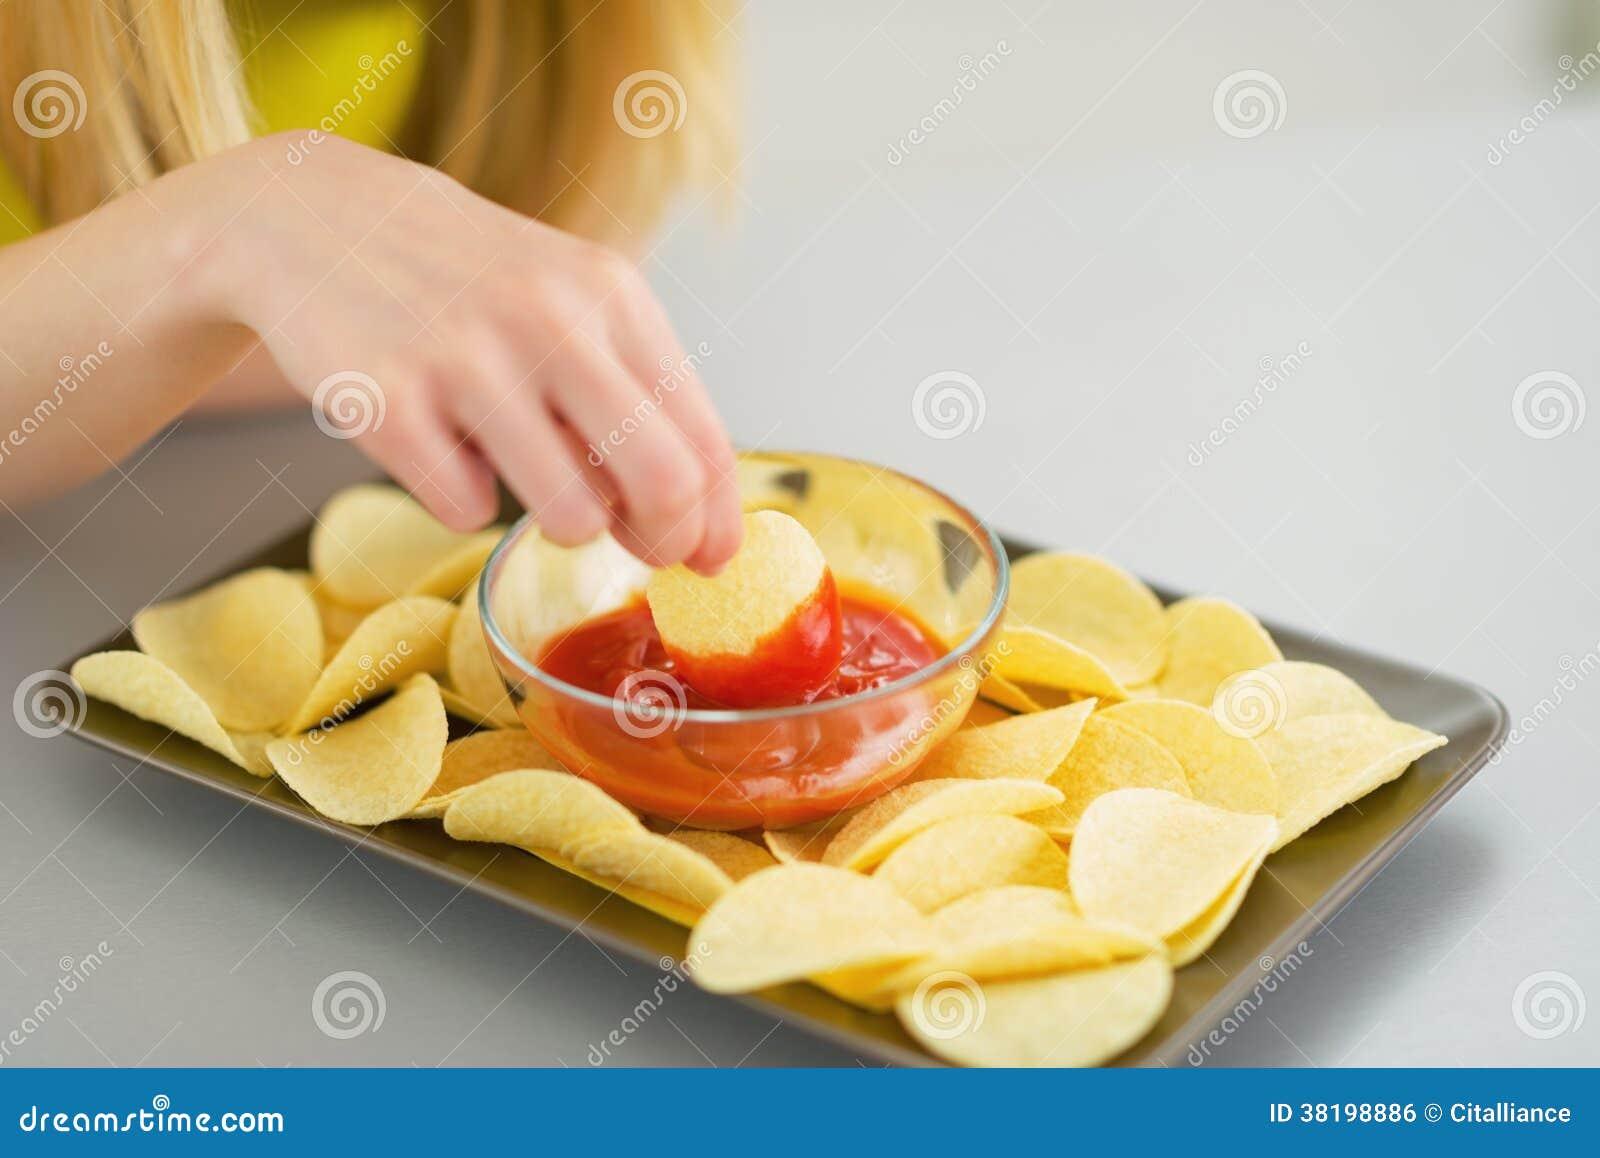 Close-up op tienermeisje die spaanders eten